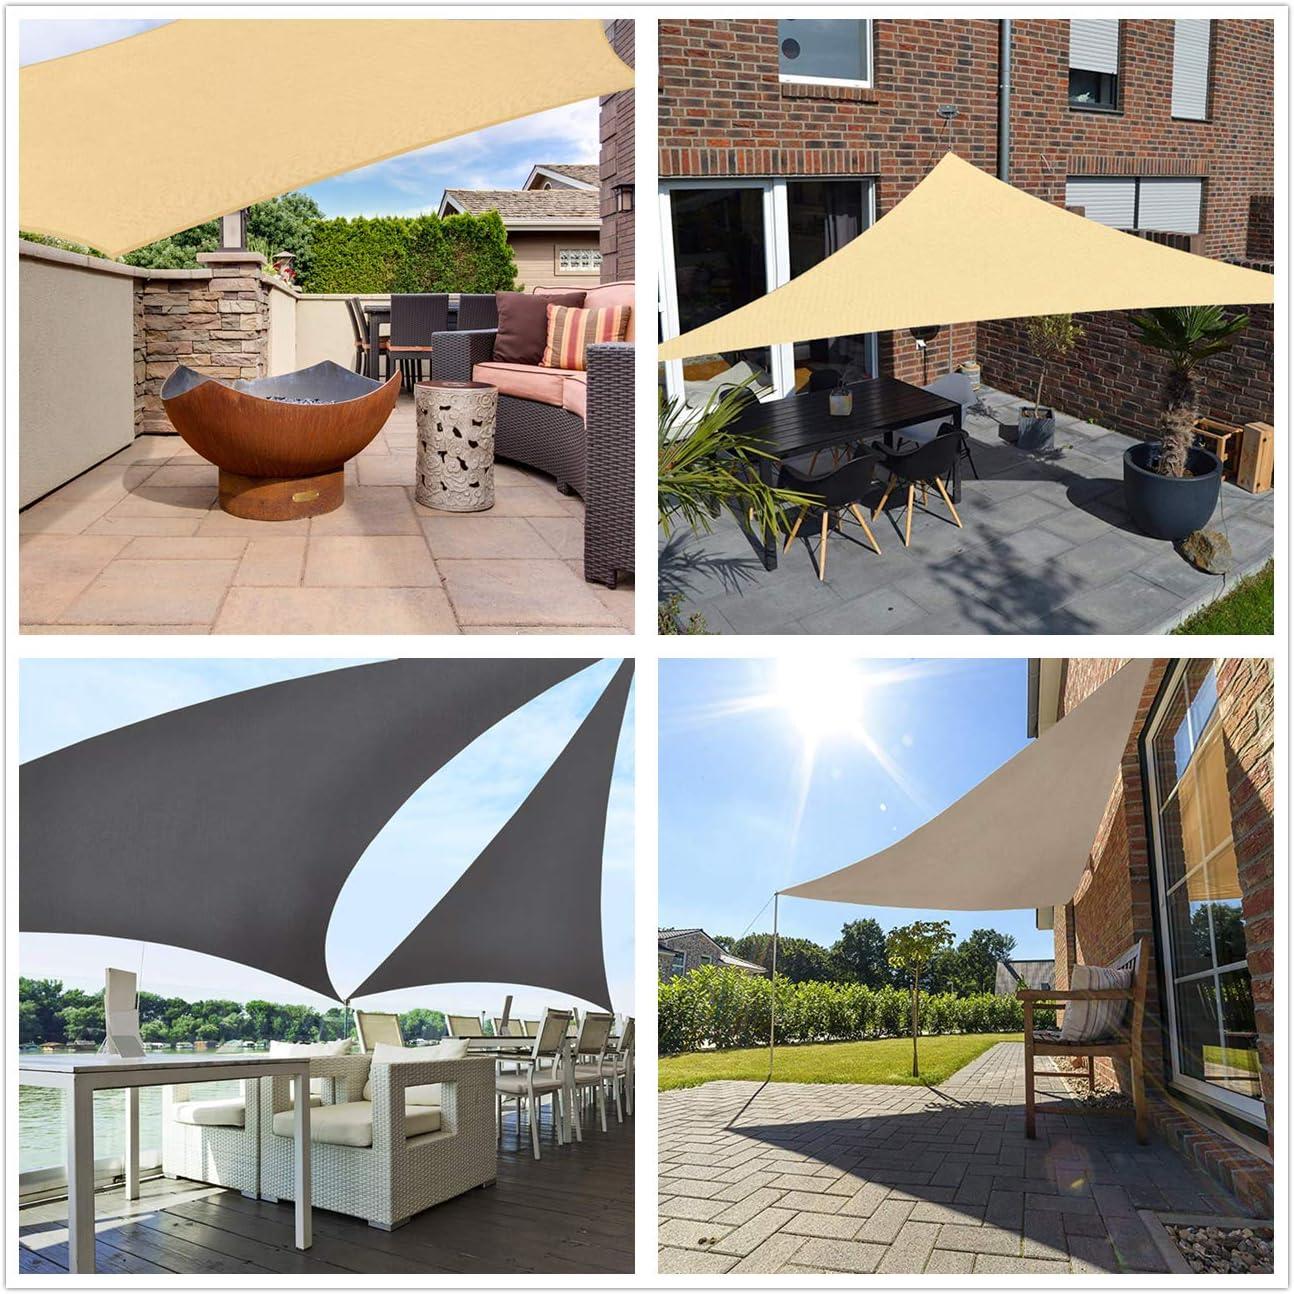 Sekey Toldo Vela de Sombra Rectangular HDPE Protección Rayos UV Resistente Permeable Transpirable para Patio, Exteriores, Jardín, con Cuerda Libre, ...